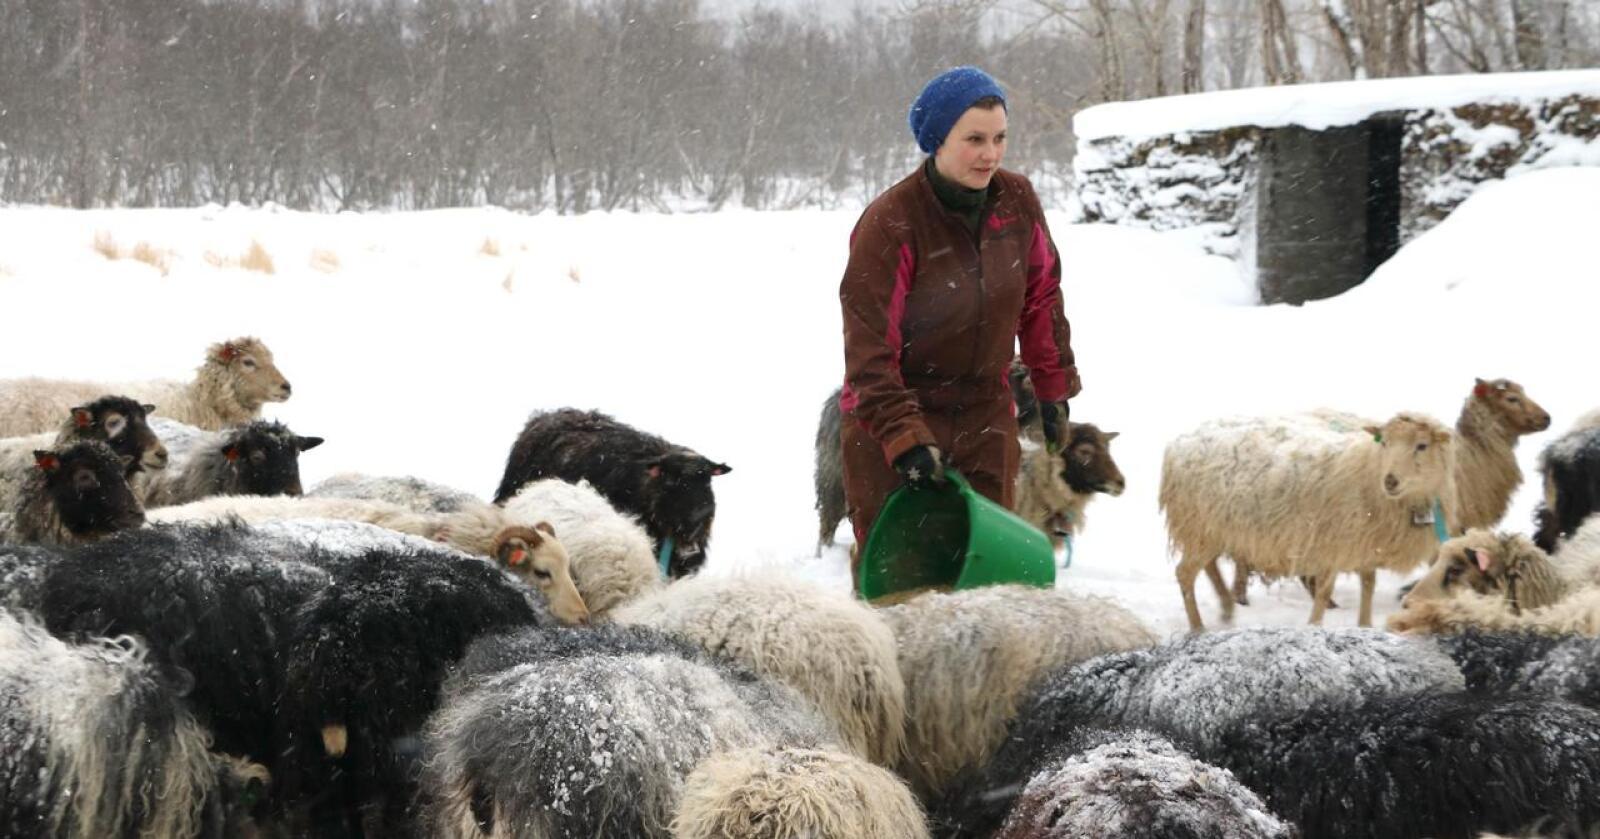 Økonomi: Det hjelper lite at inntektene øker, når utgiftene mangedobles, skriver Tone Rubach, leder i Troms Bondelag. (Foto: Liv-Karin Edvardsen)